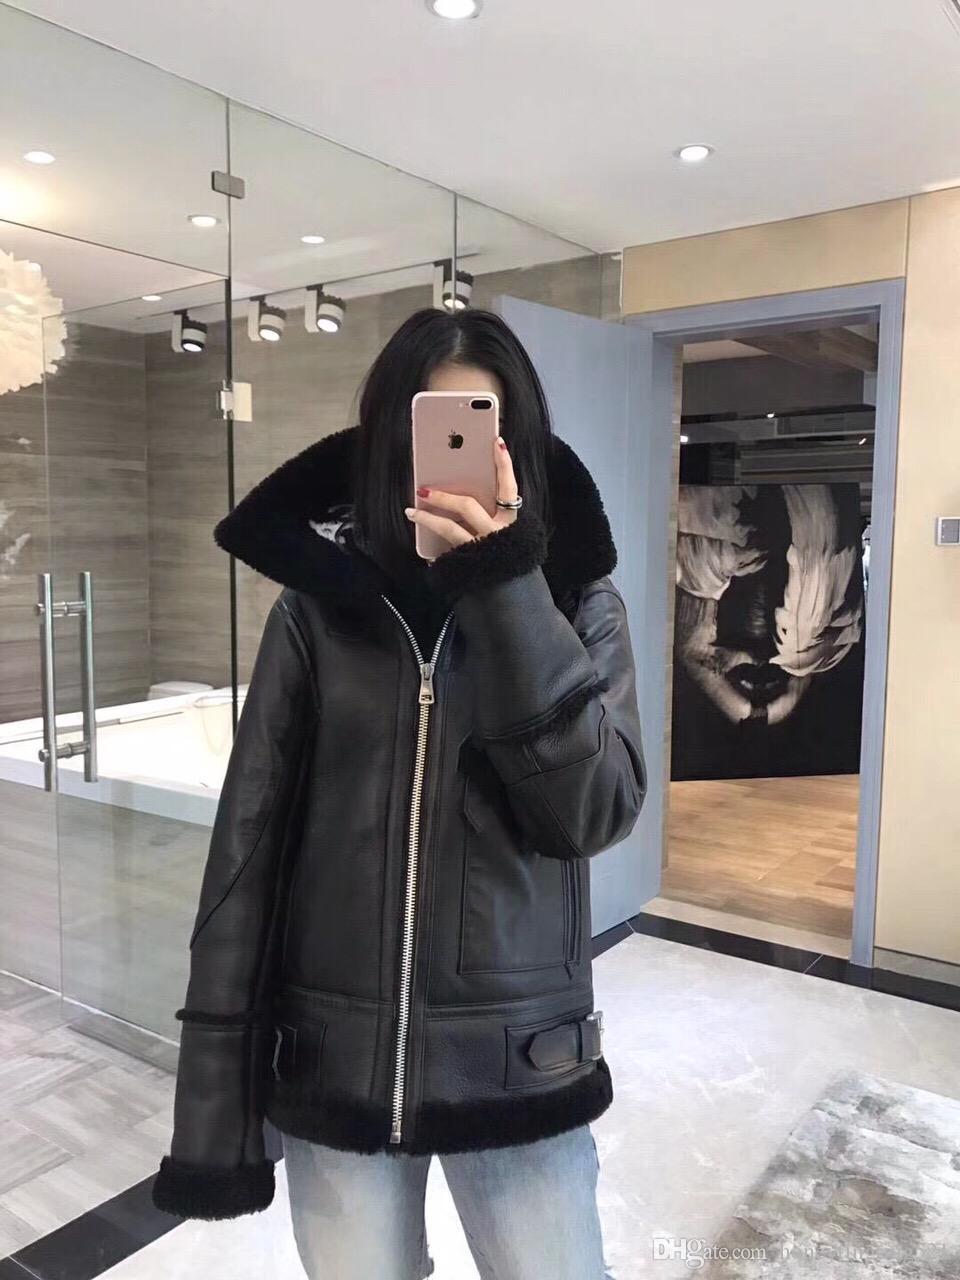 2019 الخريف الشتاء جلد جديد إلكتروني تصميم وطباعة الضأن فو الفراء الدافئة سماكة من جلد الغزال لفترة طويلة الأكمام سترة معطف بالاضافة الى حجم S M L XL